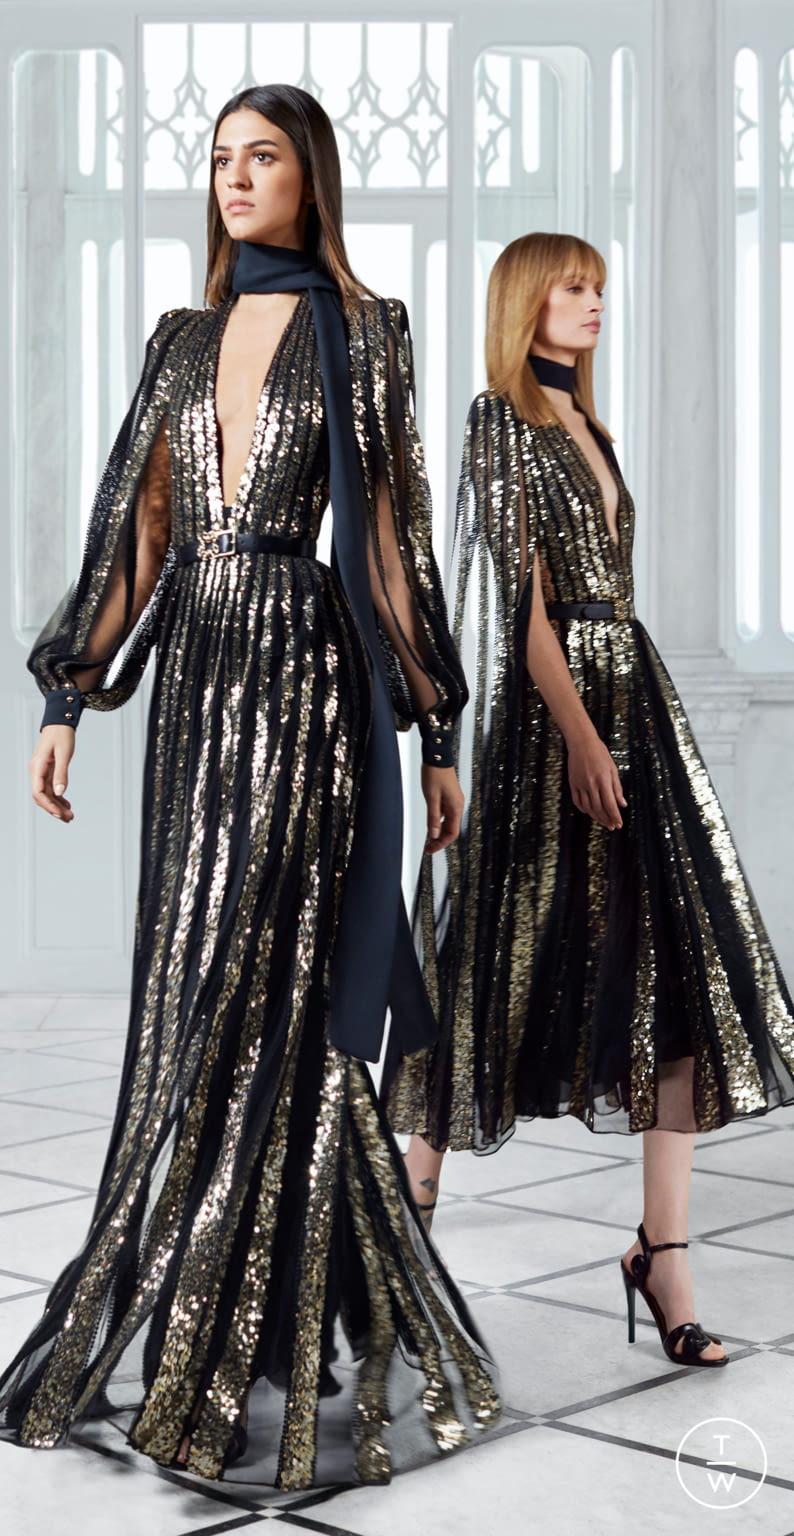 Elie Saab PF21 womenswear #31 - The Fashion Search Engine - TAGWALK